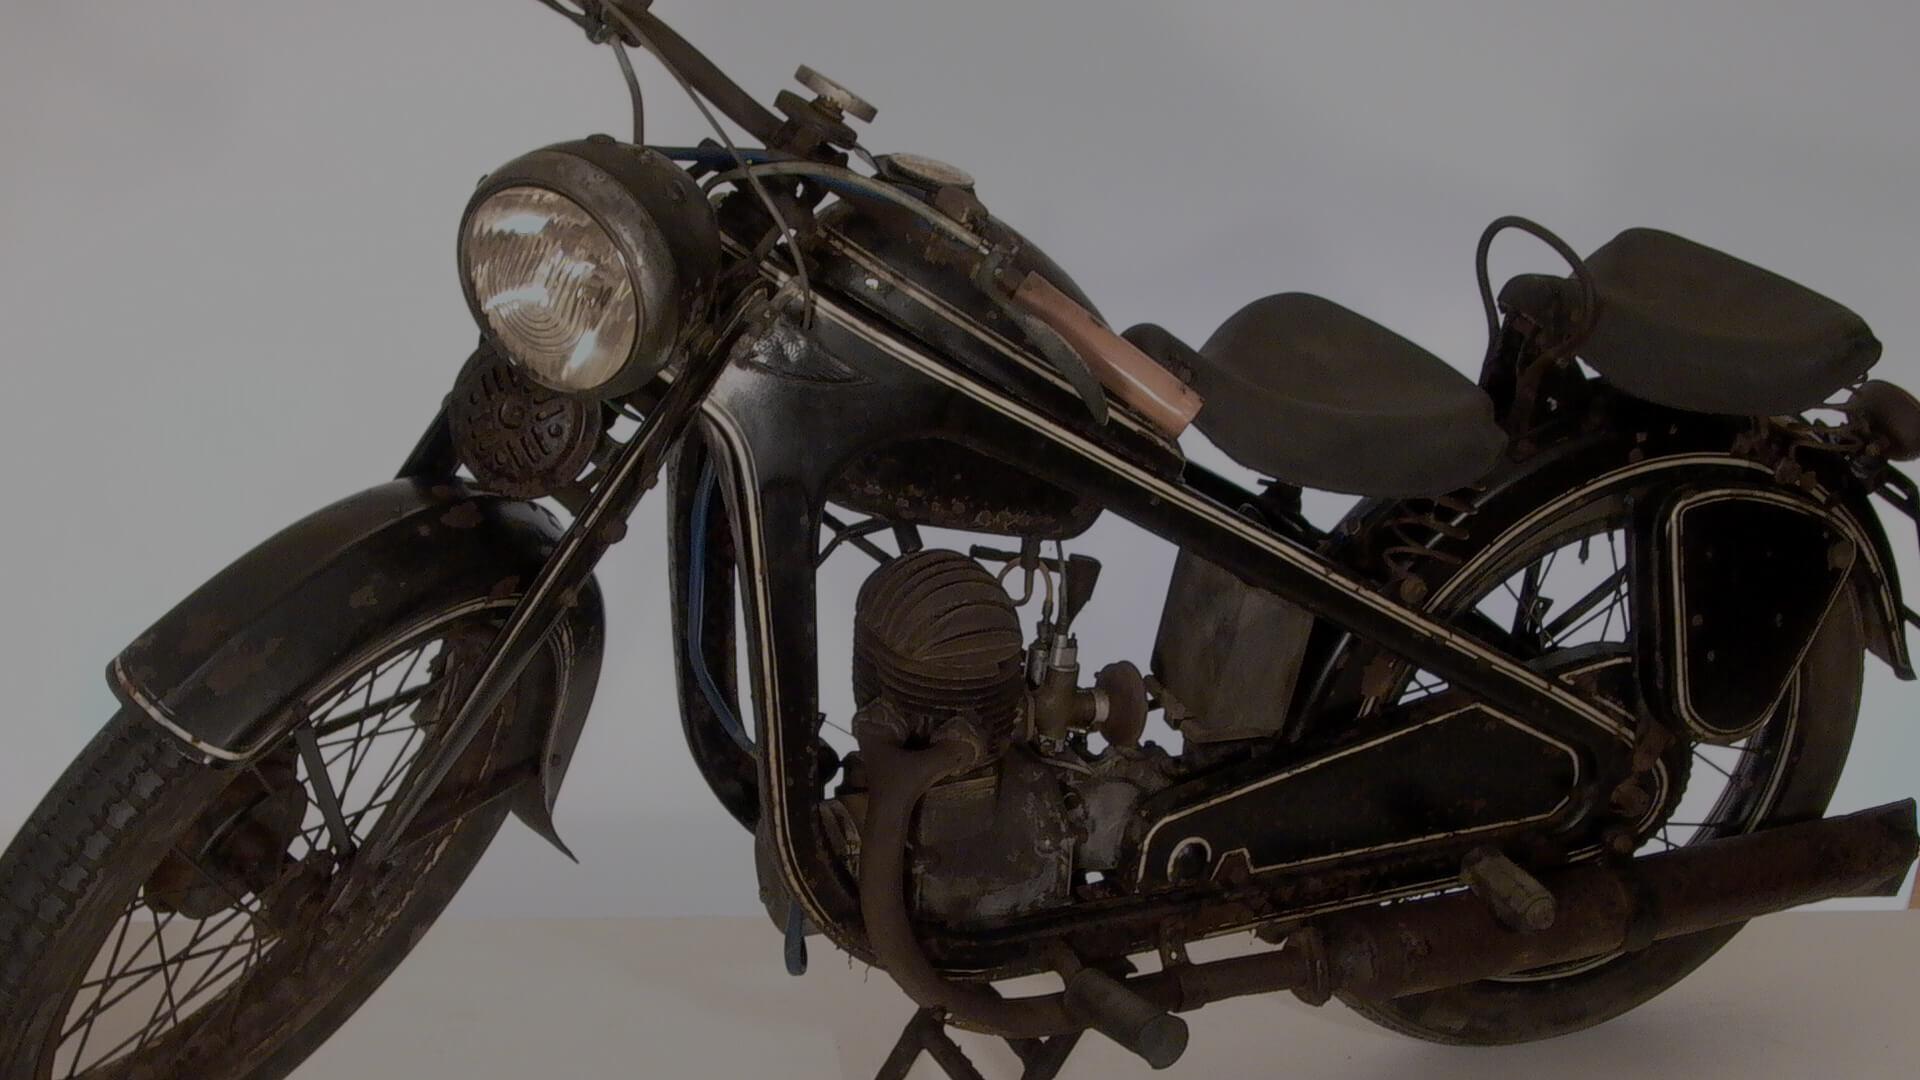 MÉRAY-PUCH 200, 198 cc, 1940